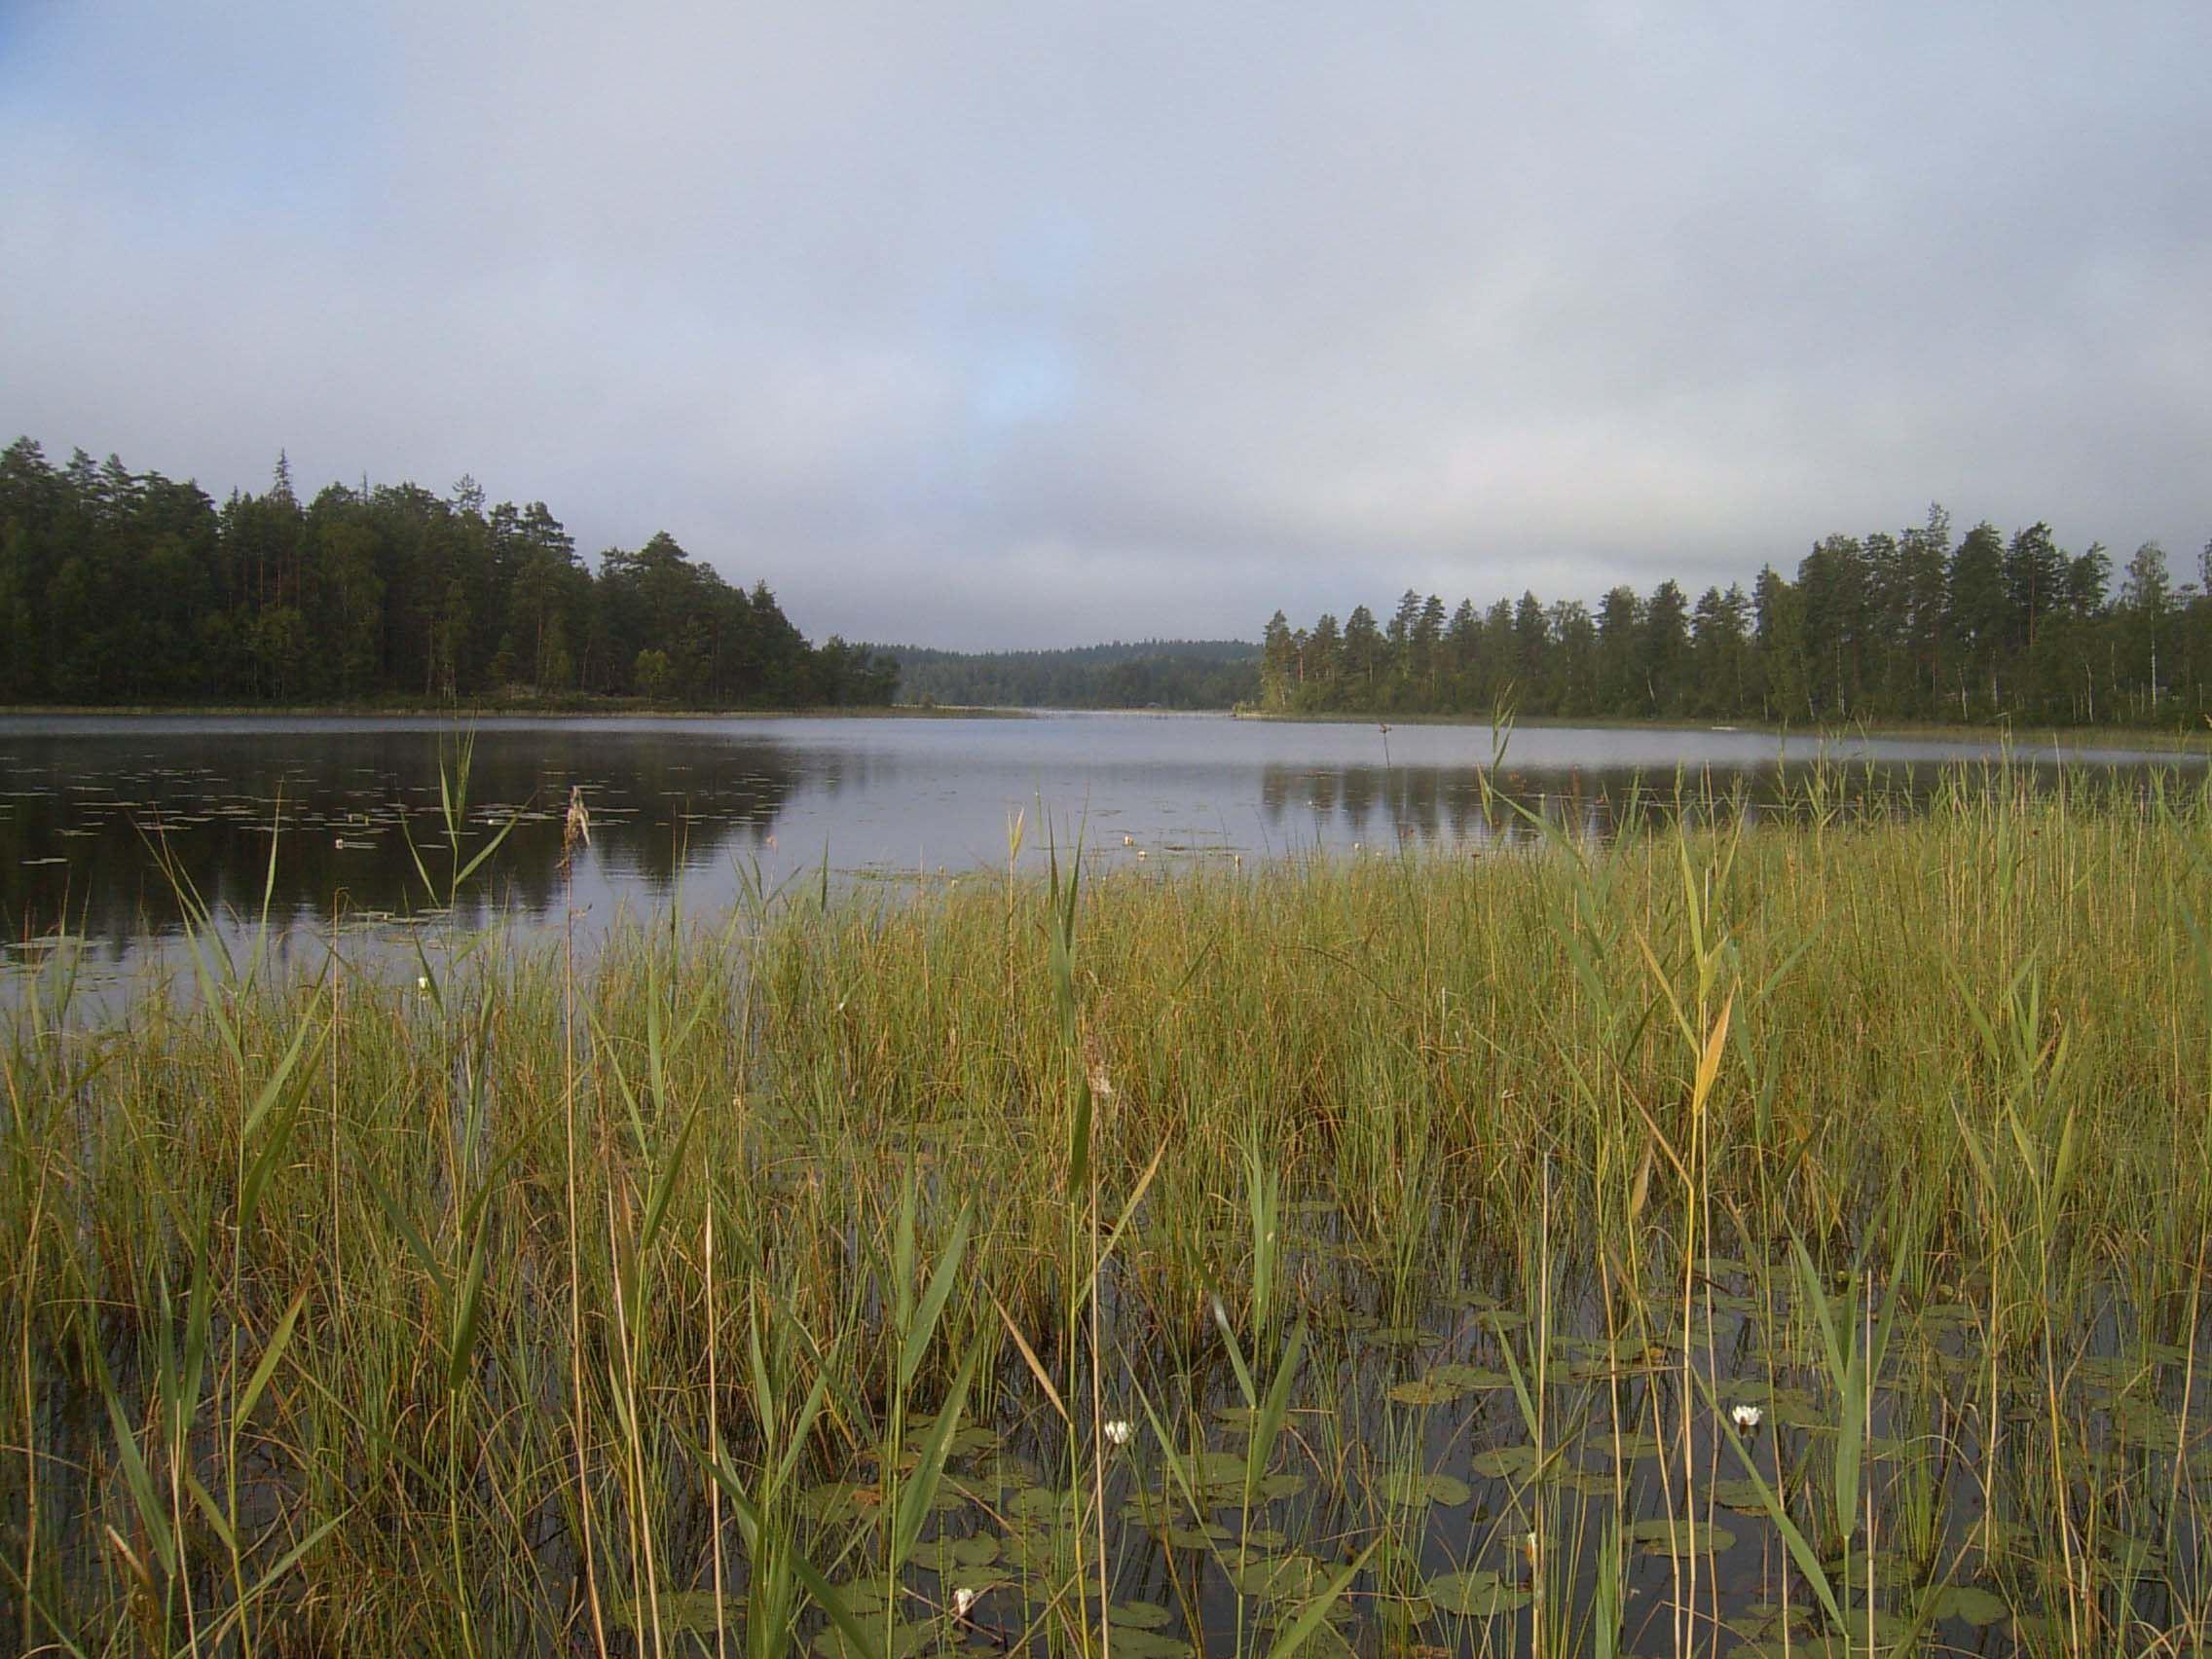 C-J Månsson, Stora Åkebosjön, Stora Hammarsjöområdet